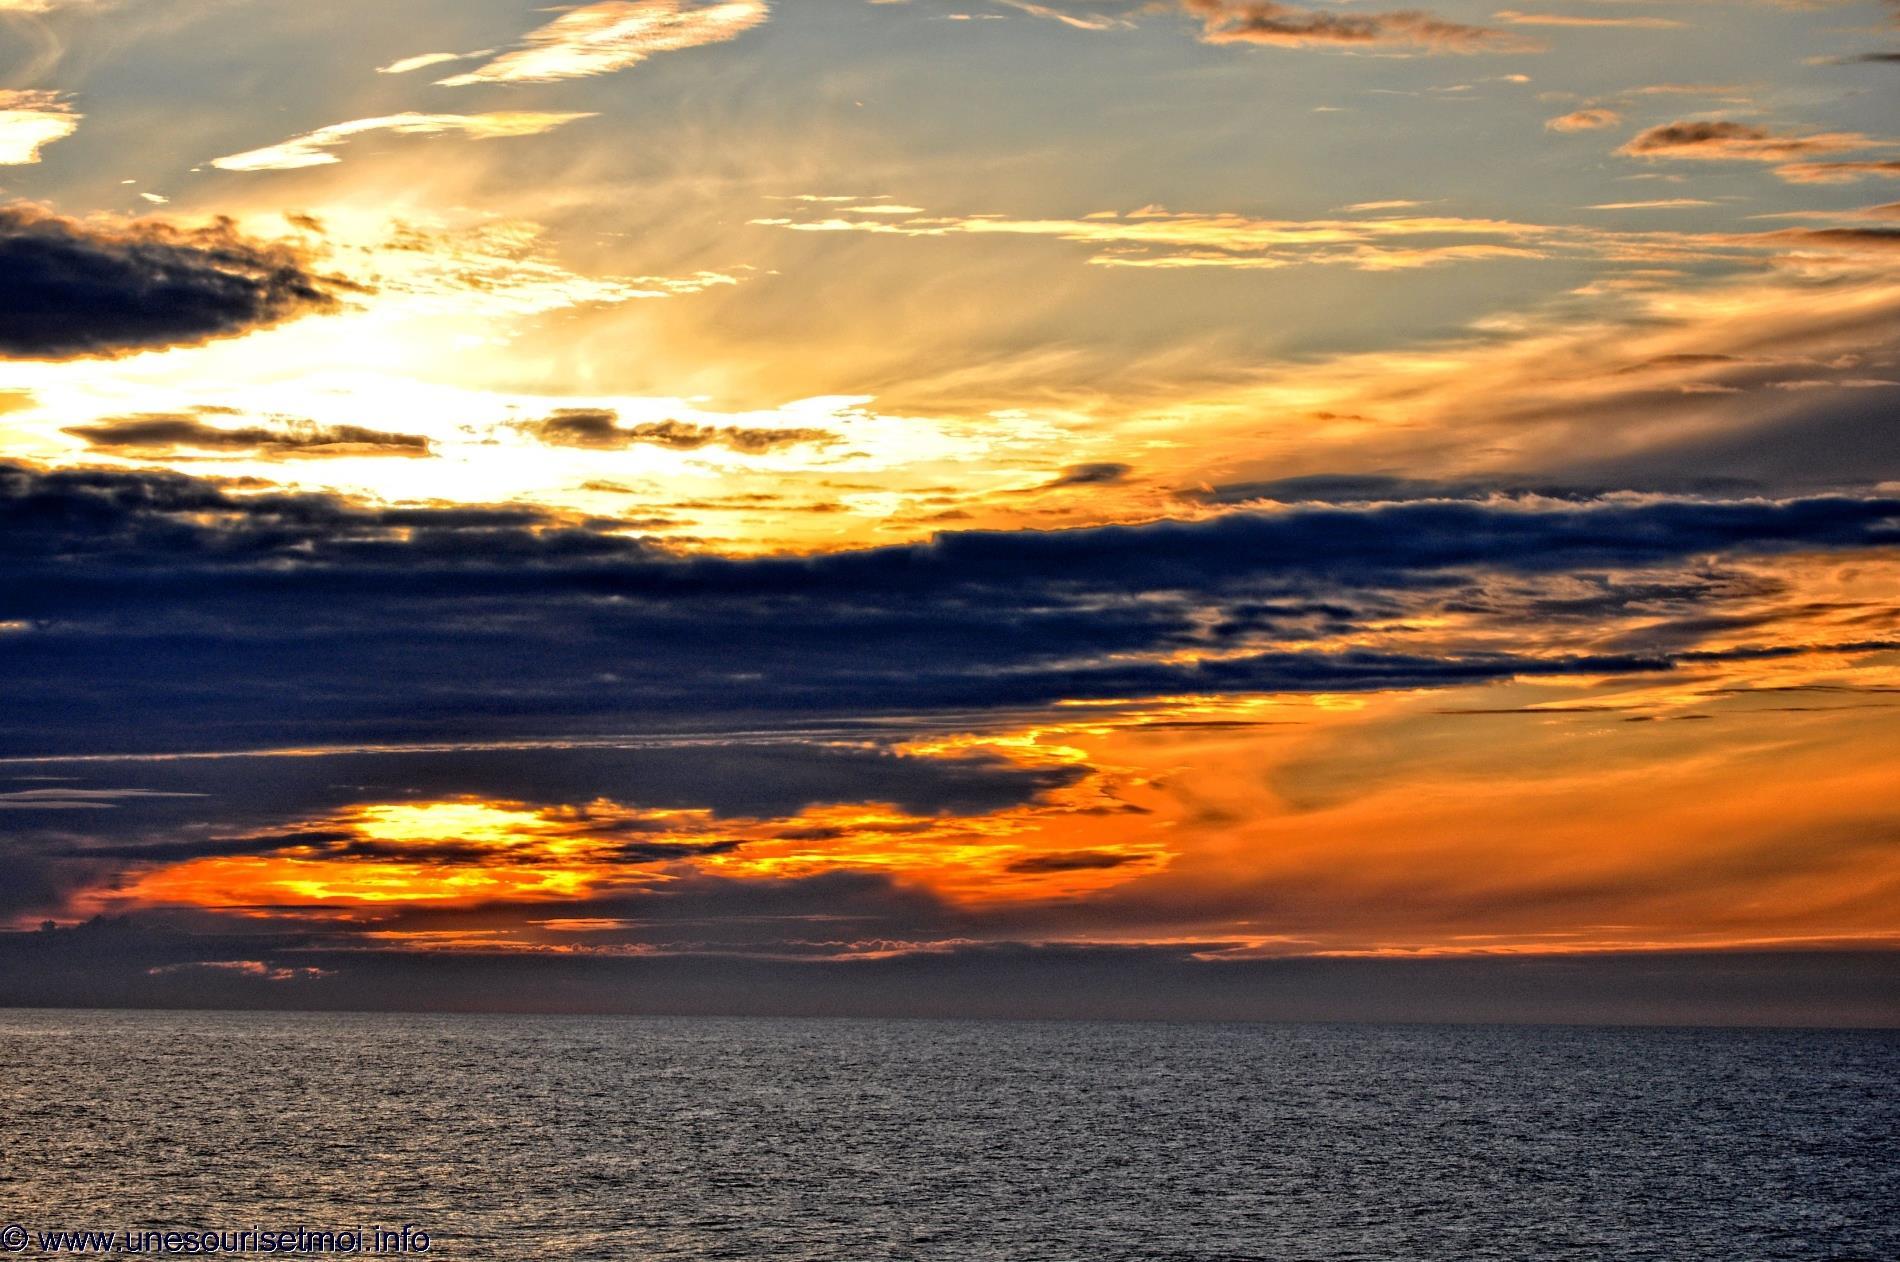 coucher-de-soleil_HD_006